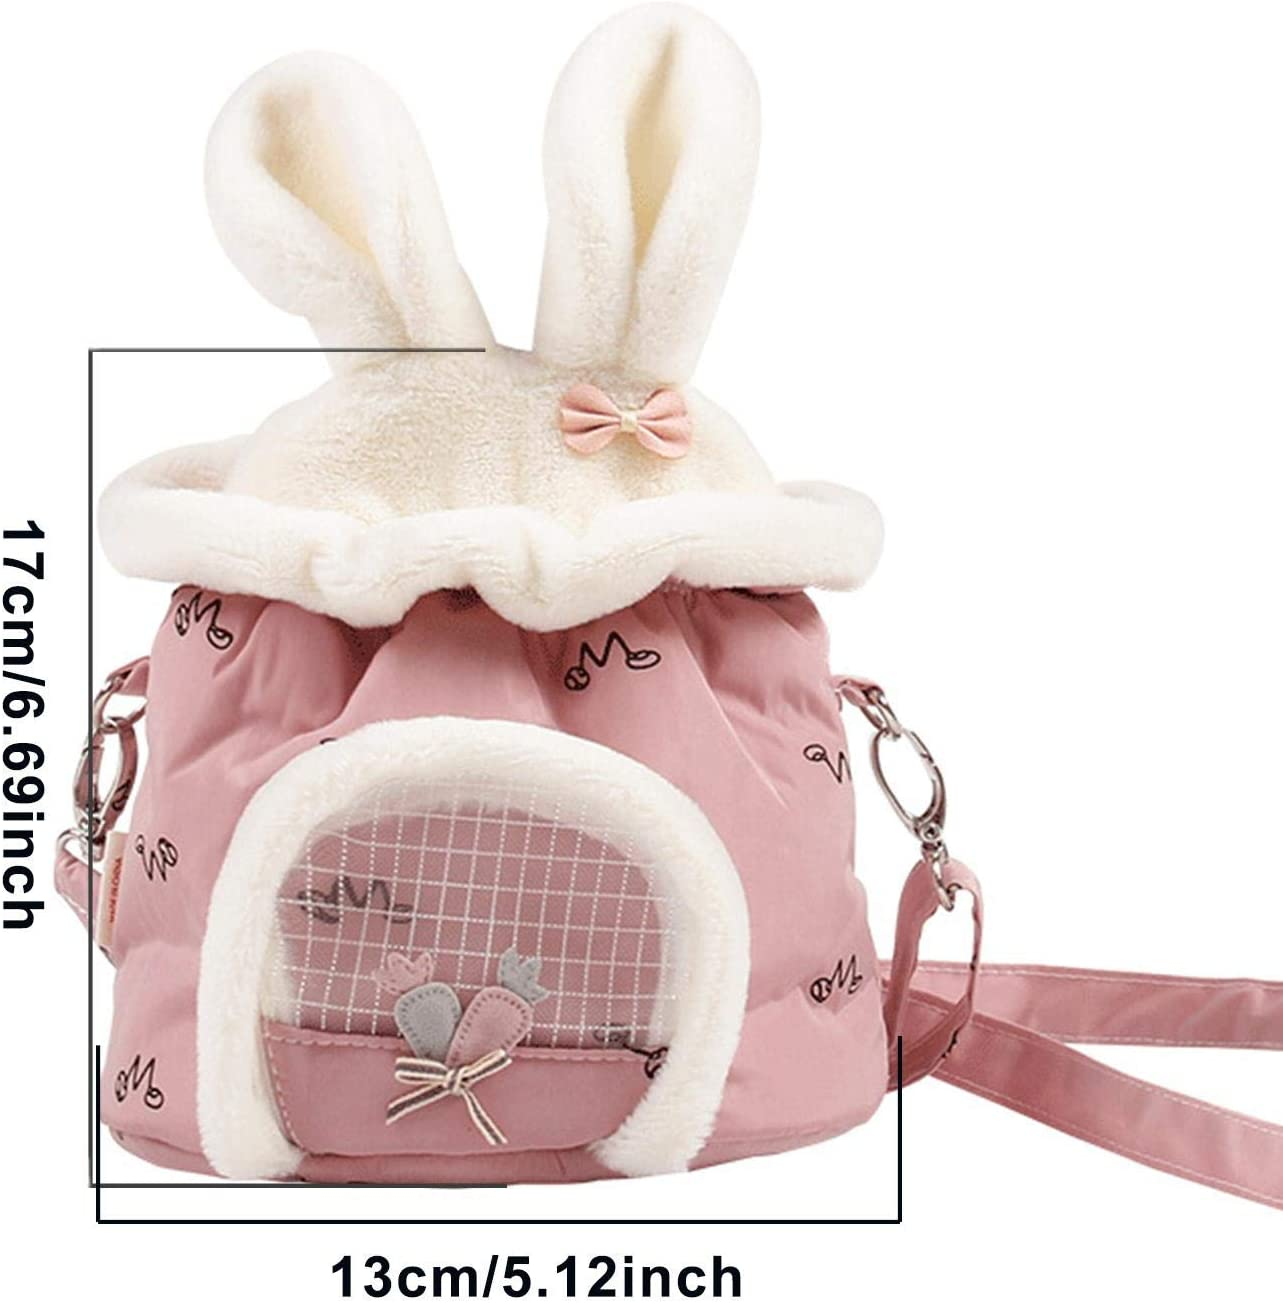 Portable Travel Handbag With Adjustable Single Shoulder Strap Single Bag For Hamster Small Pet Carrier Bag Hedgehog Sugar Glider Guinea Pig And Squirrel